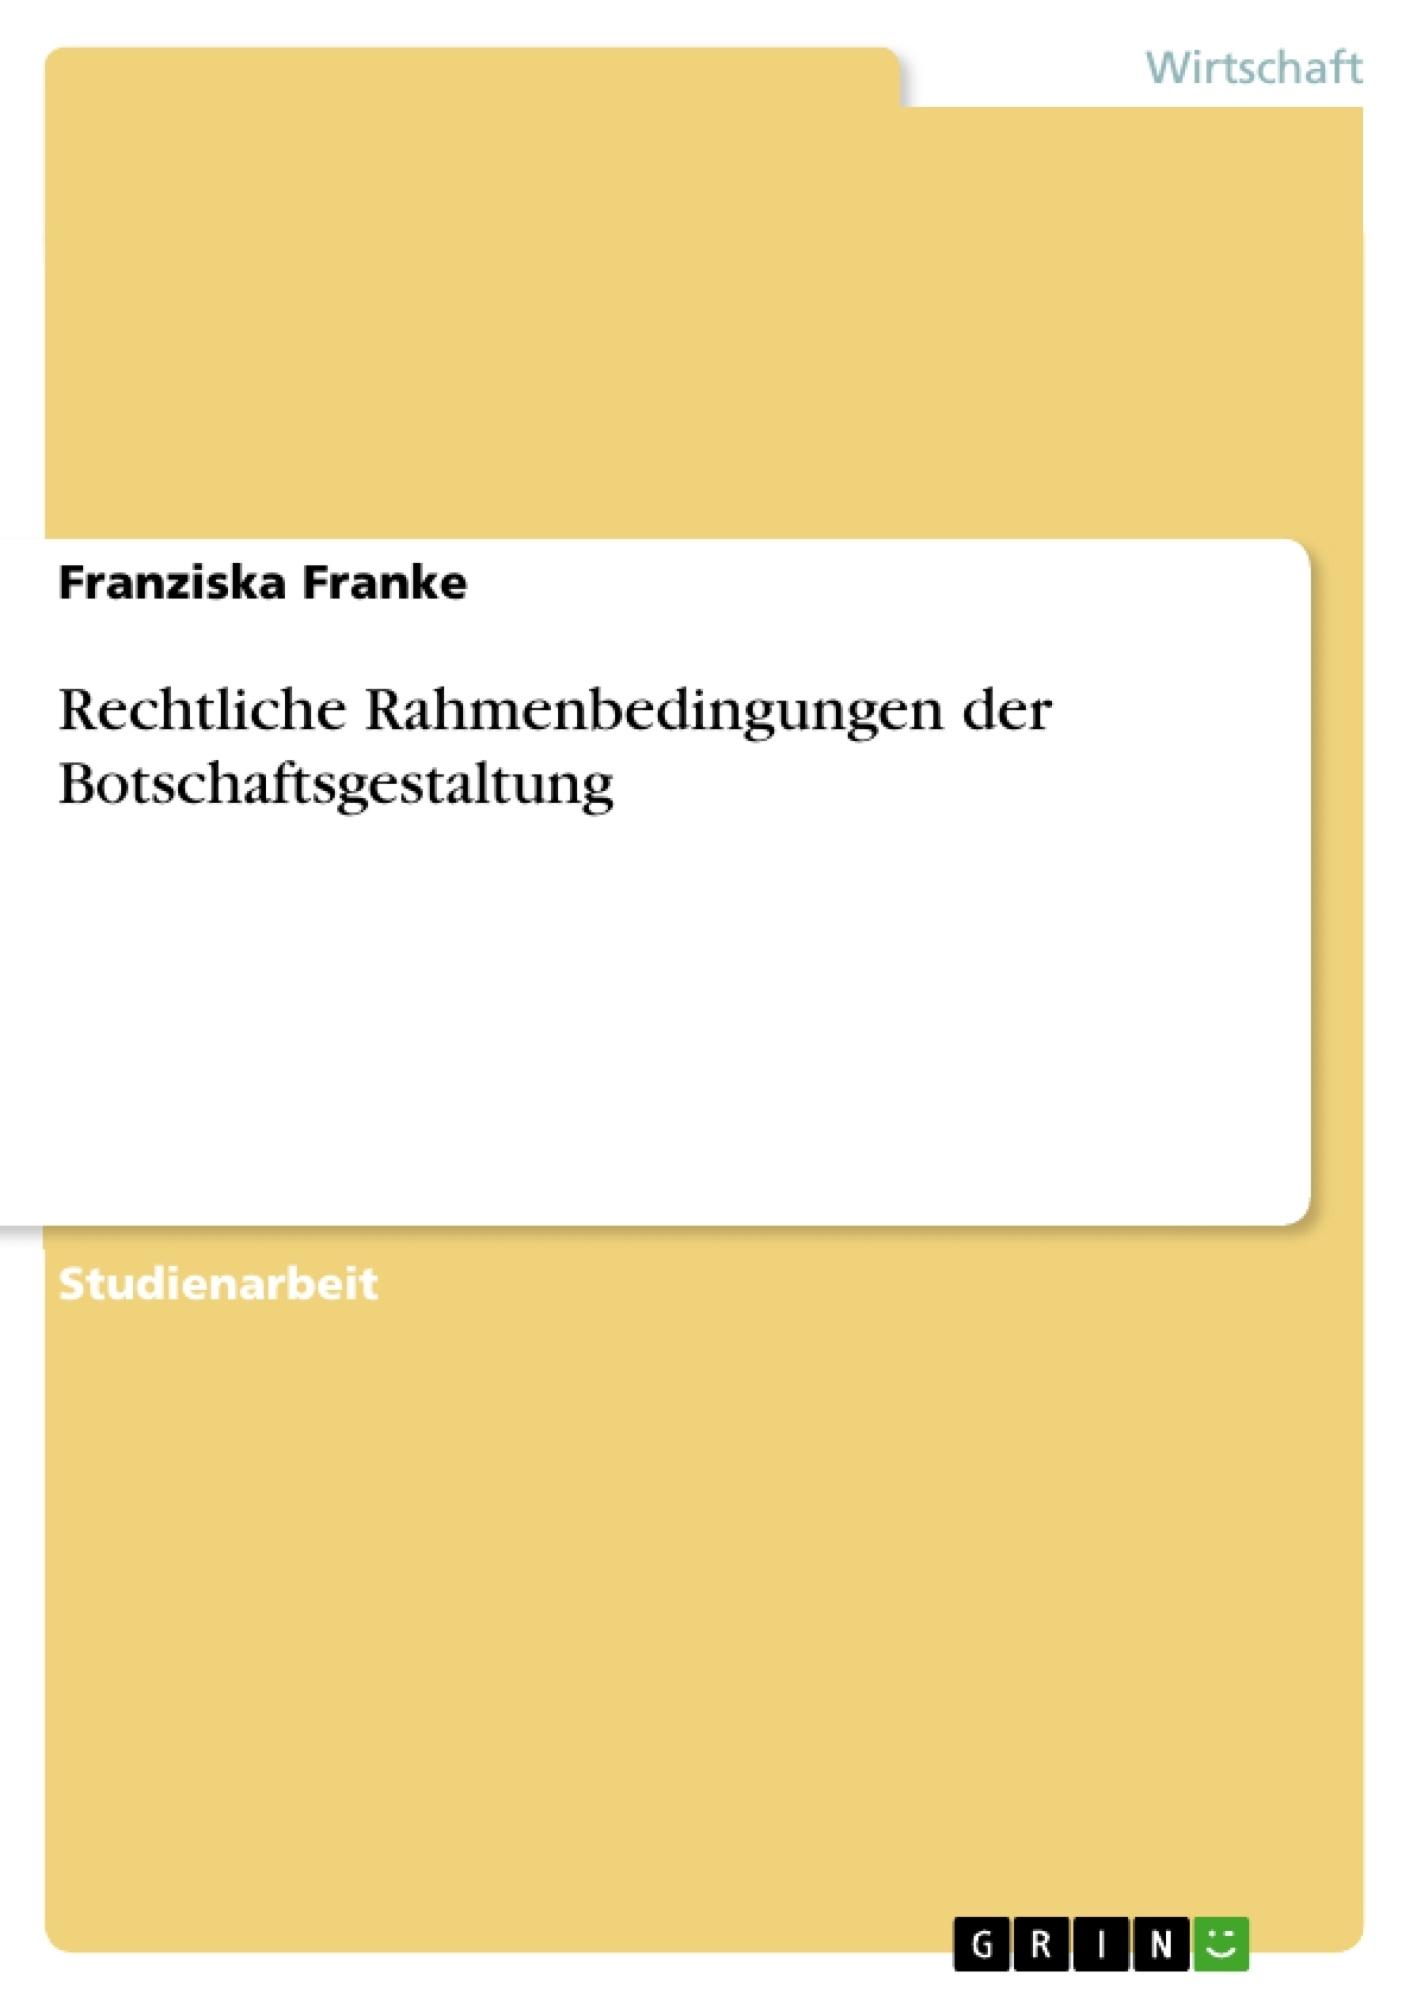 Titel: Rechtliche Rahmenbedingungen der Botschaftsgestaltung